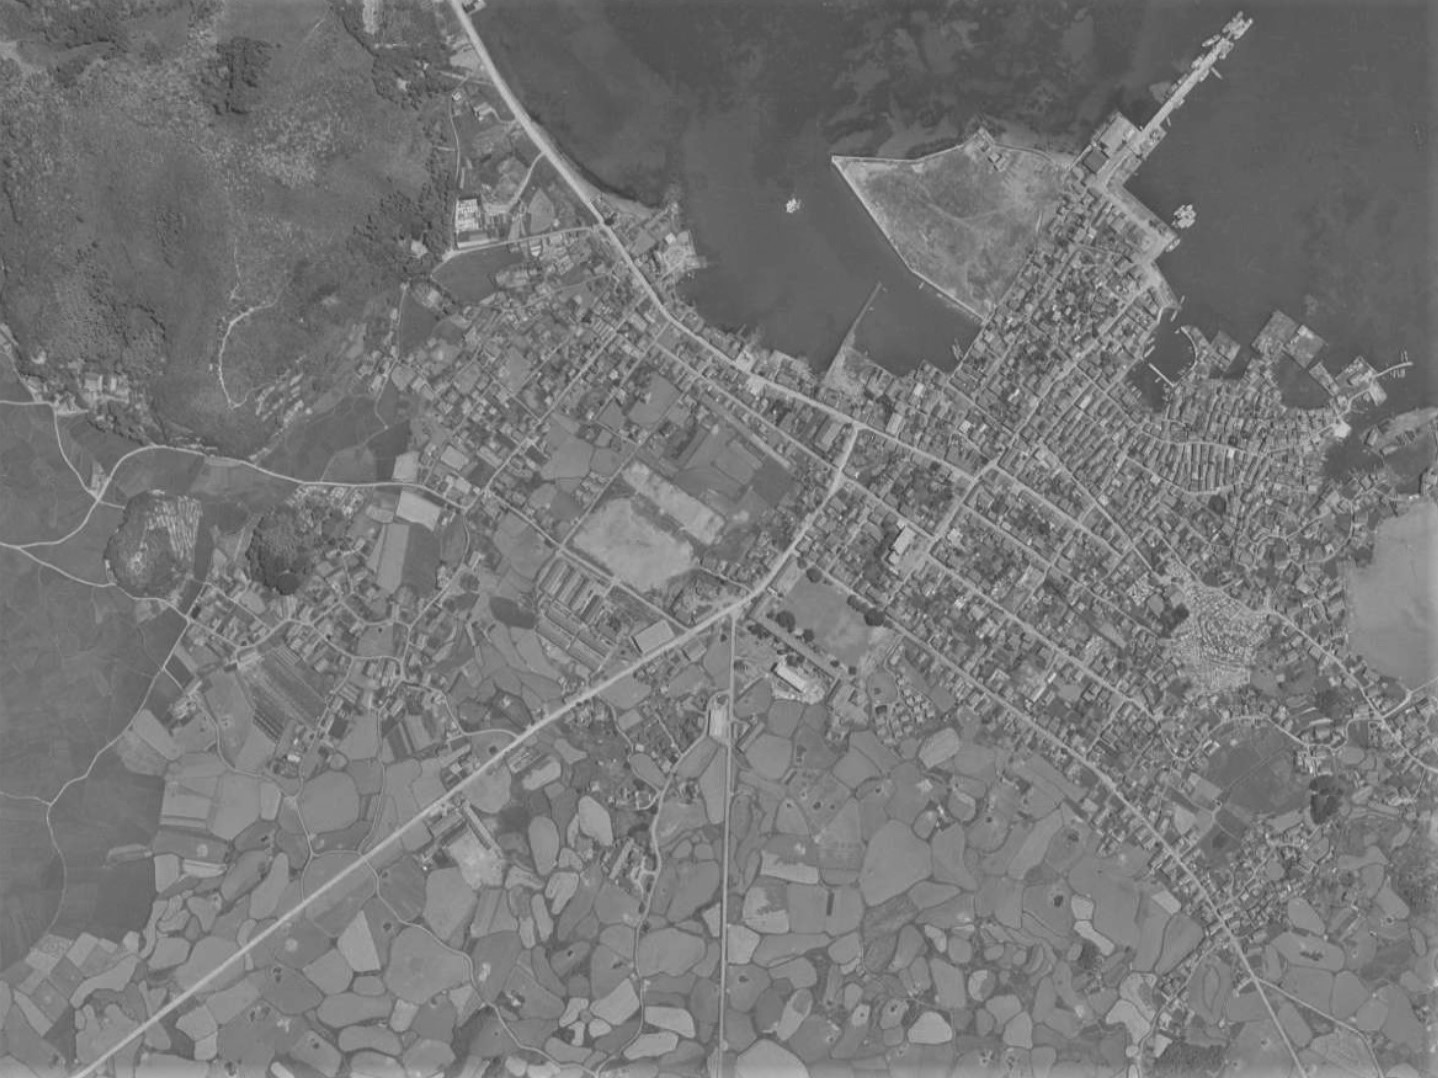 富江陣屋跡と城下町、昭和40年撮影空中写真(国土地理院Webサイトより、MKU652X-C23-10〔部分〕)の画像。